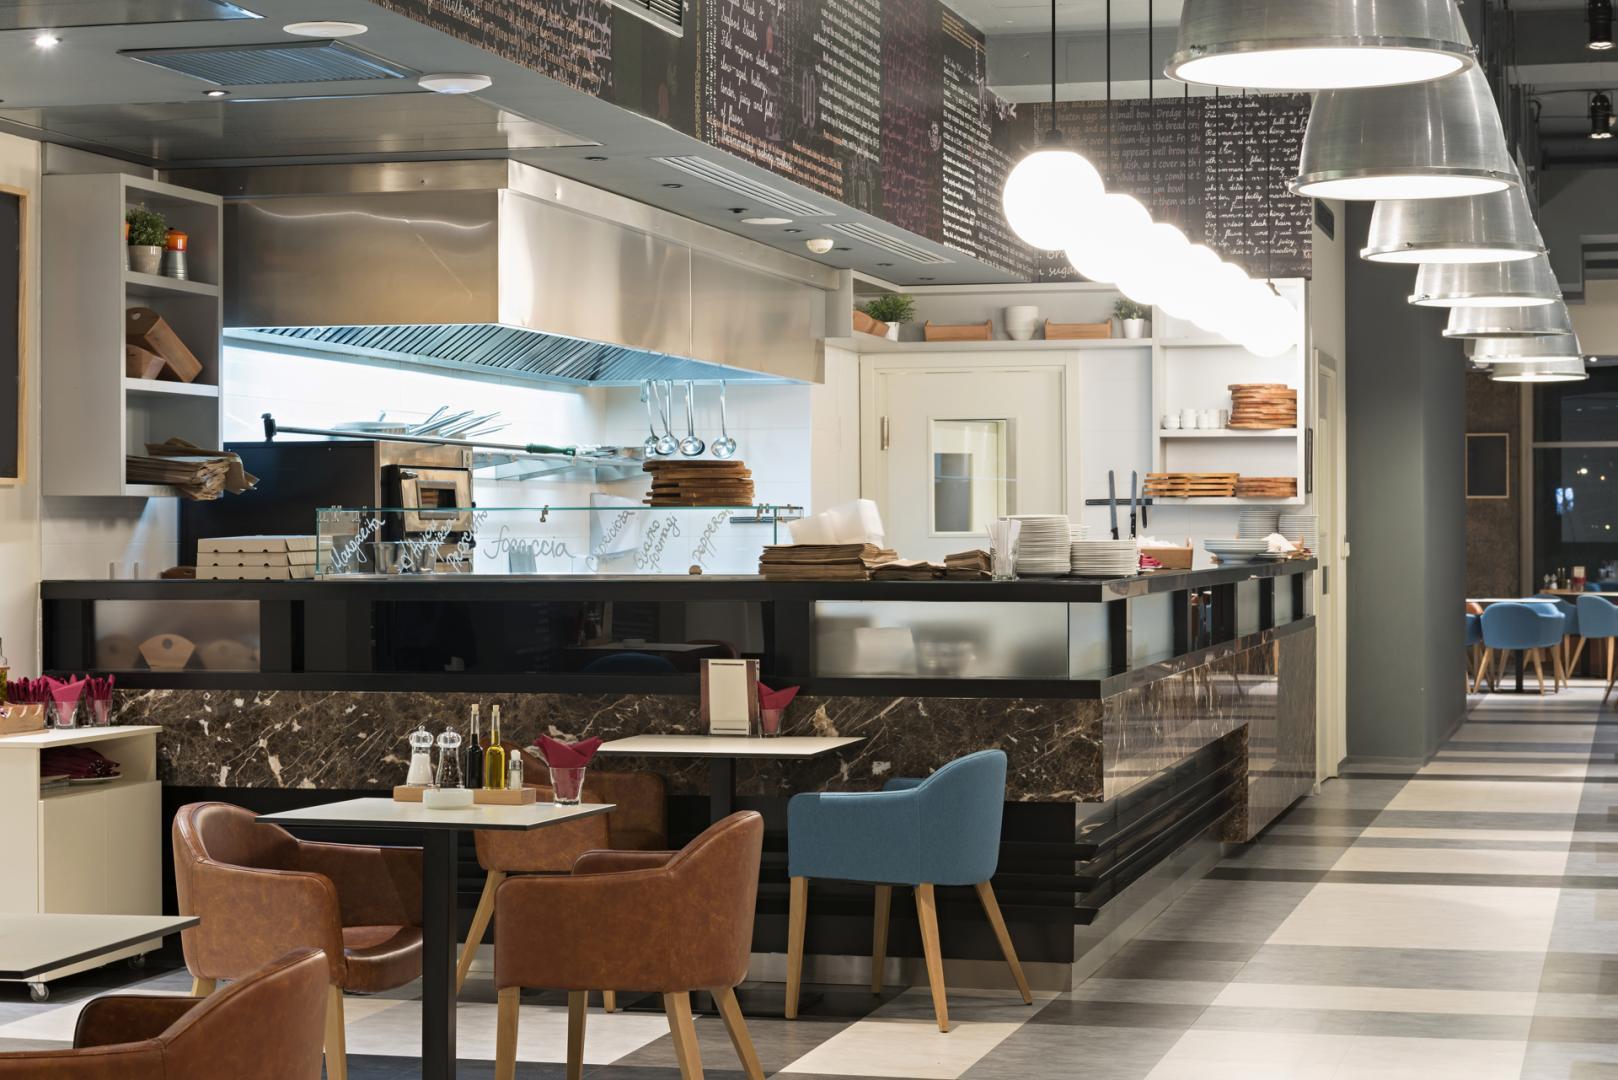 Installateur Climatisation Puy De Dome cuisine professionnelle, romagnat, clermont-ferrand, puy-de